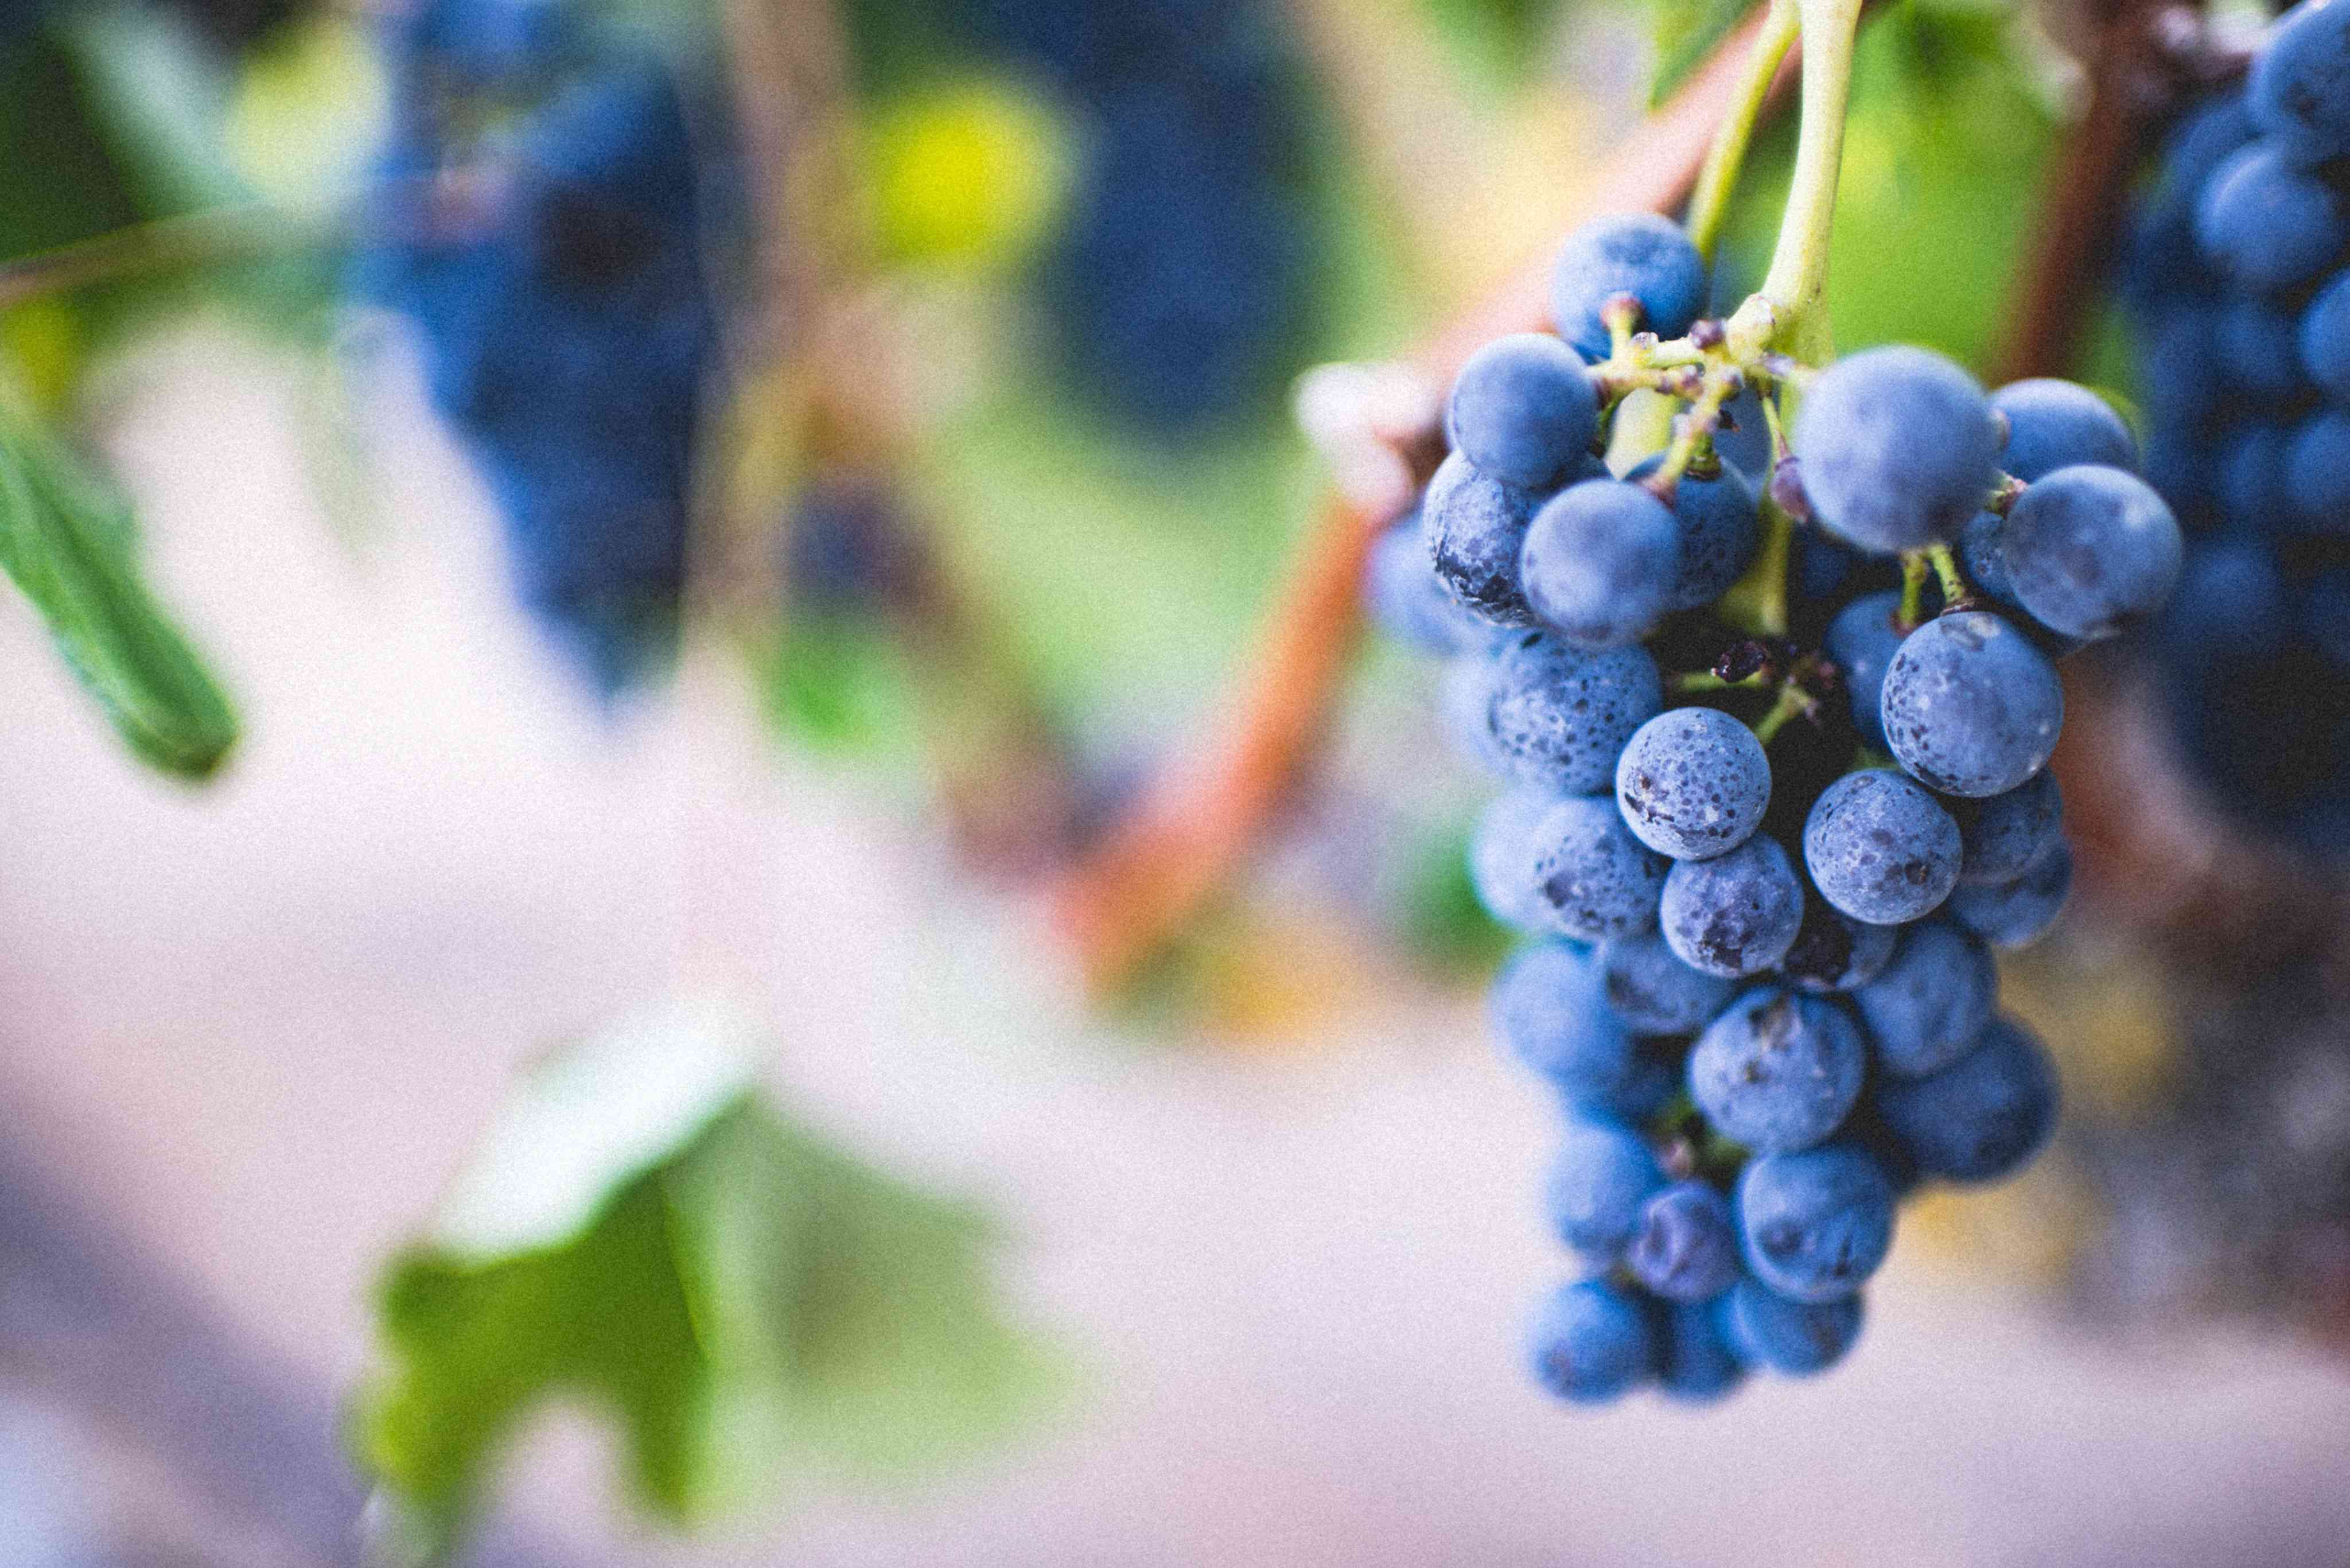 10 loại trái cây tốt nhất cho cơ thể - 3